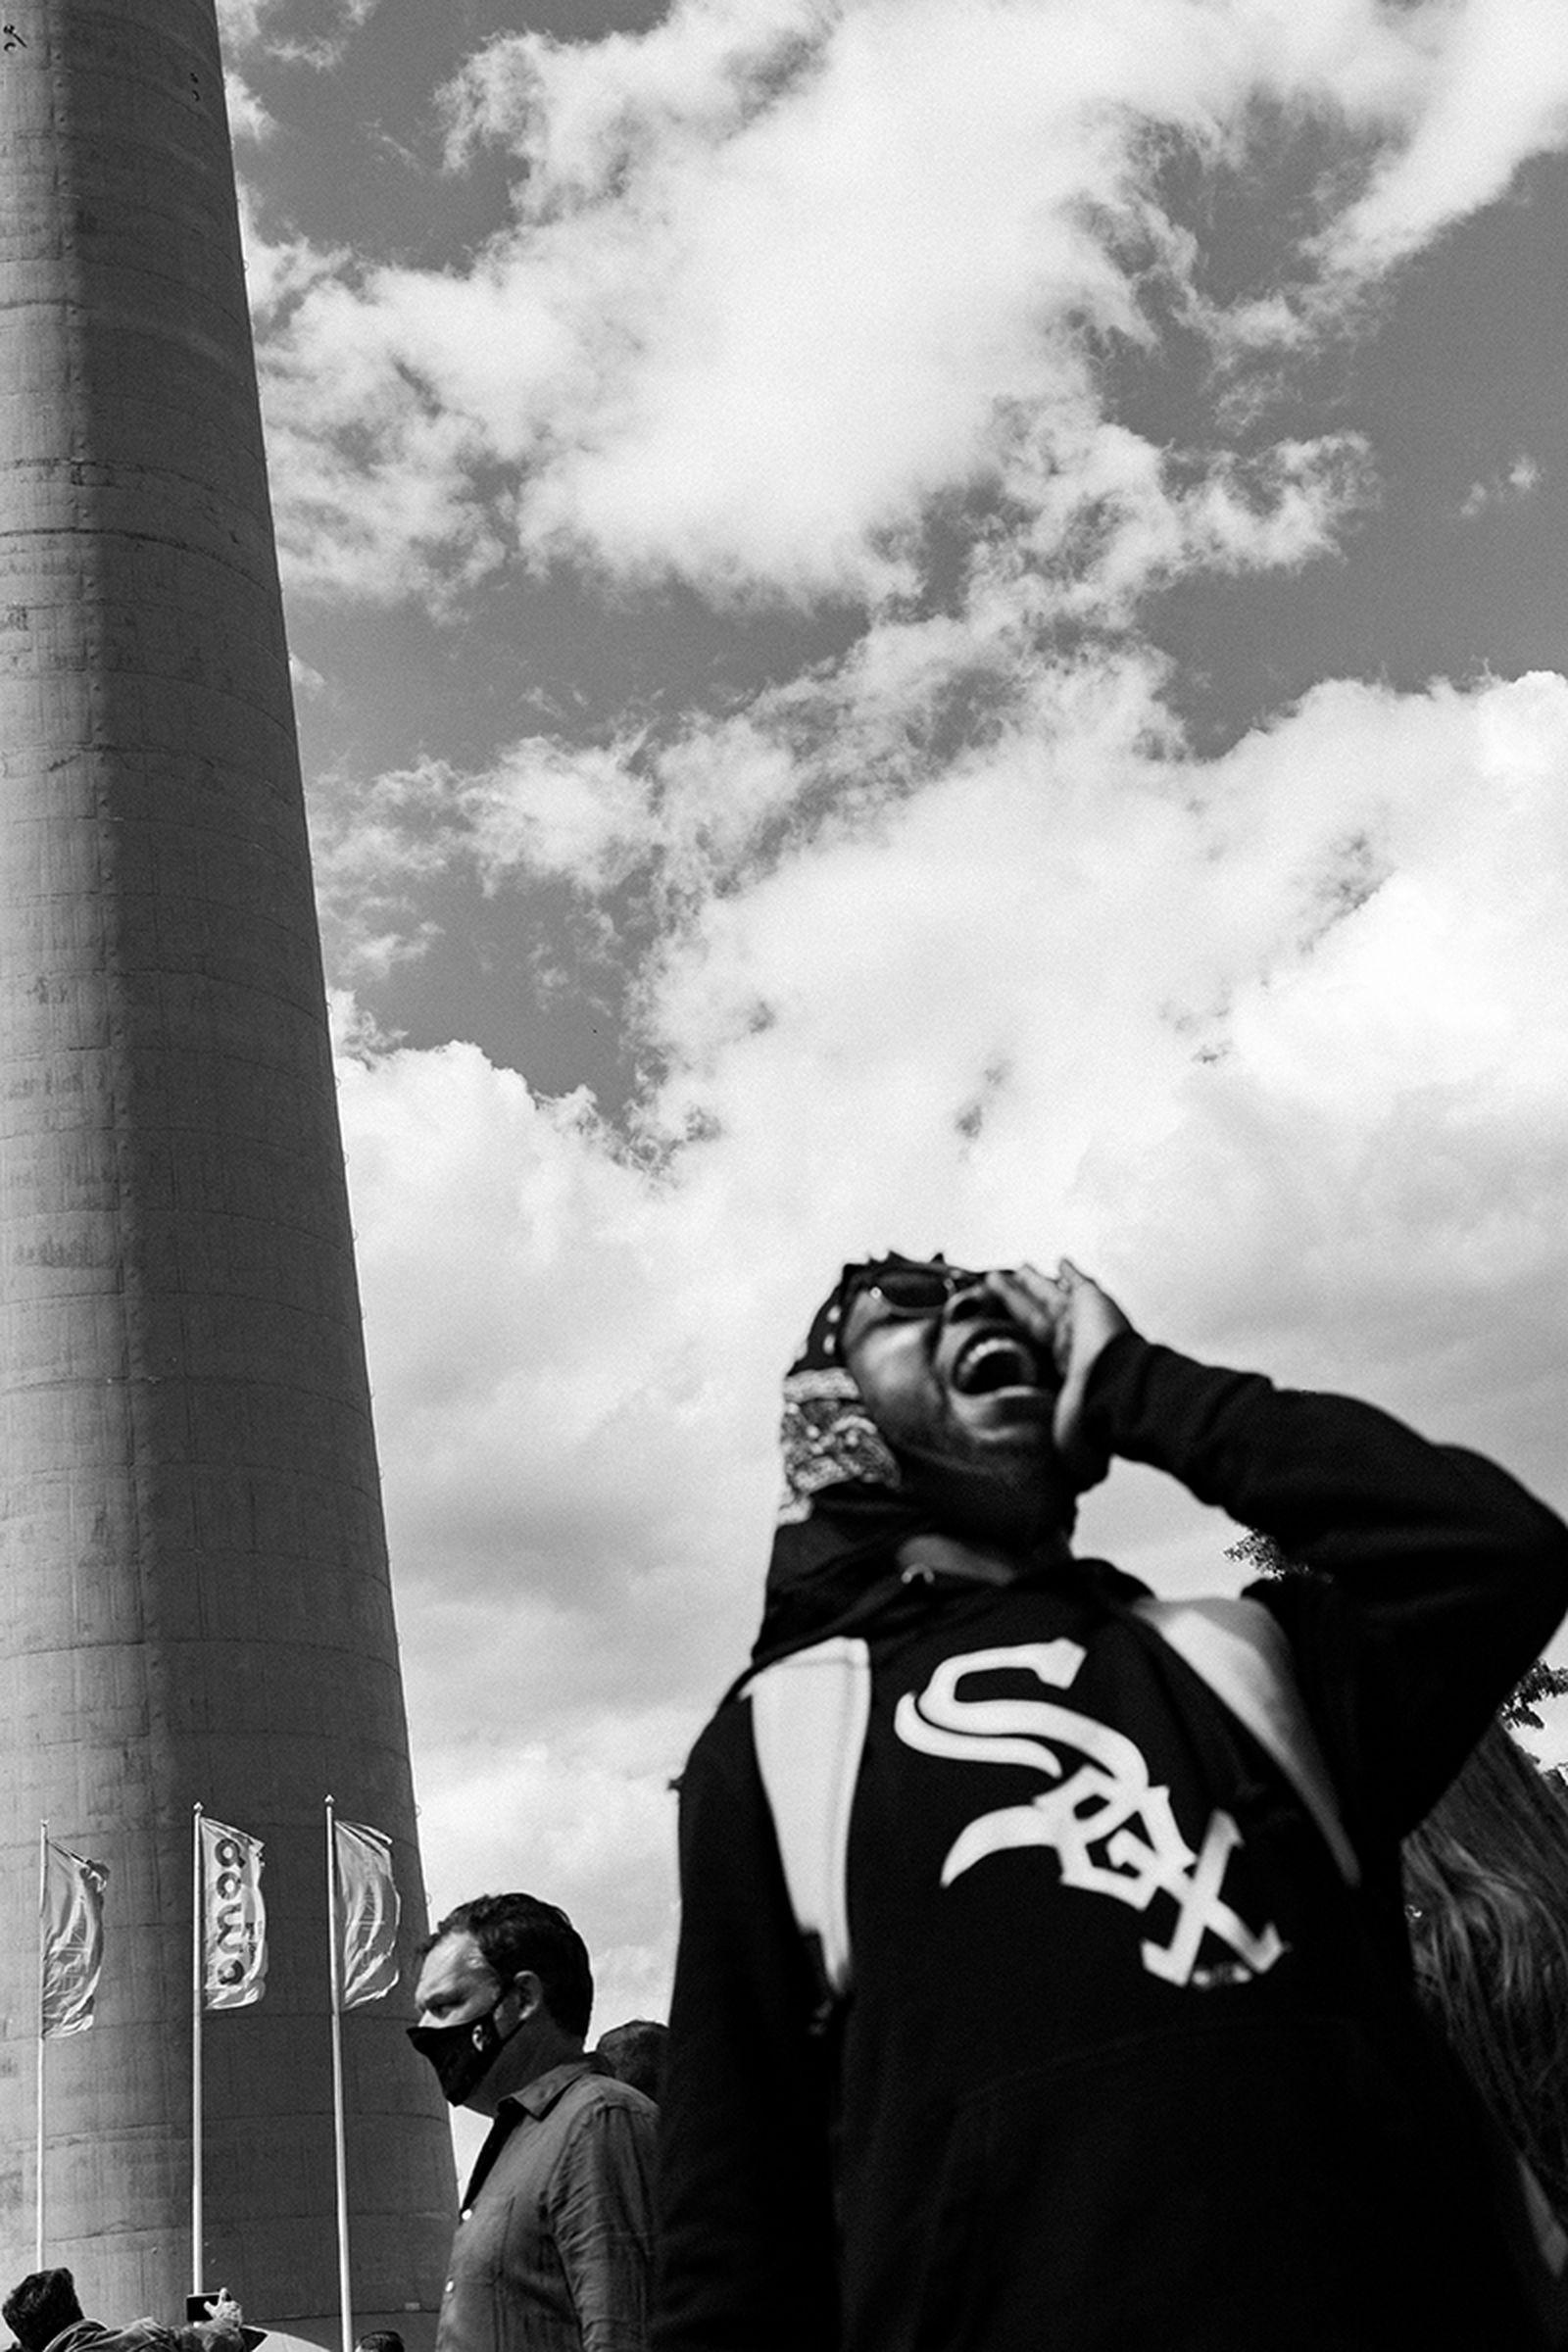 black lives matter protest in Düsseldorf Germany